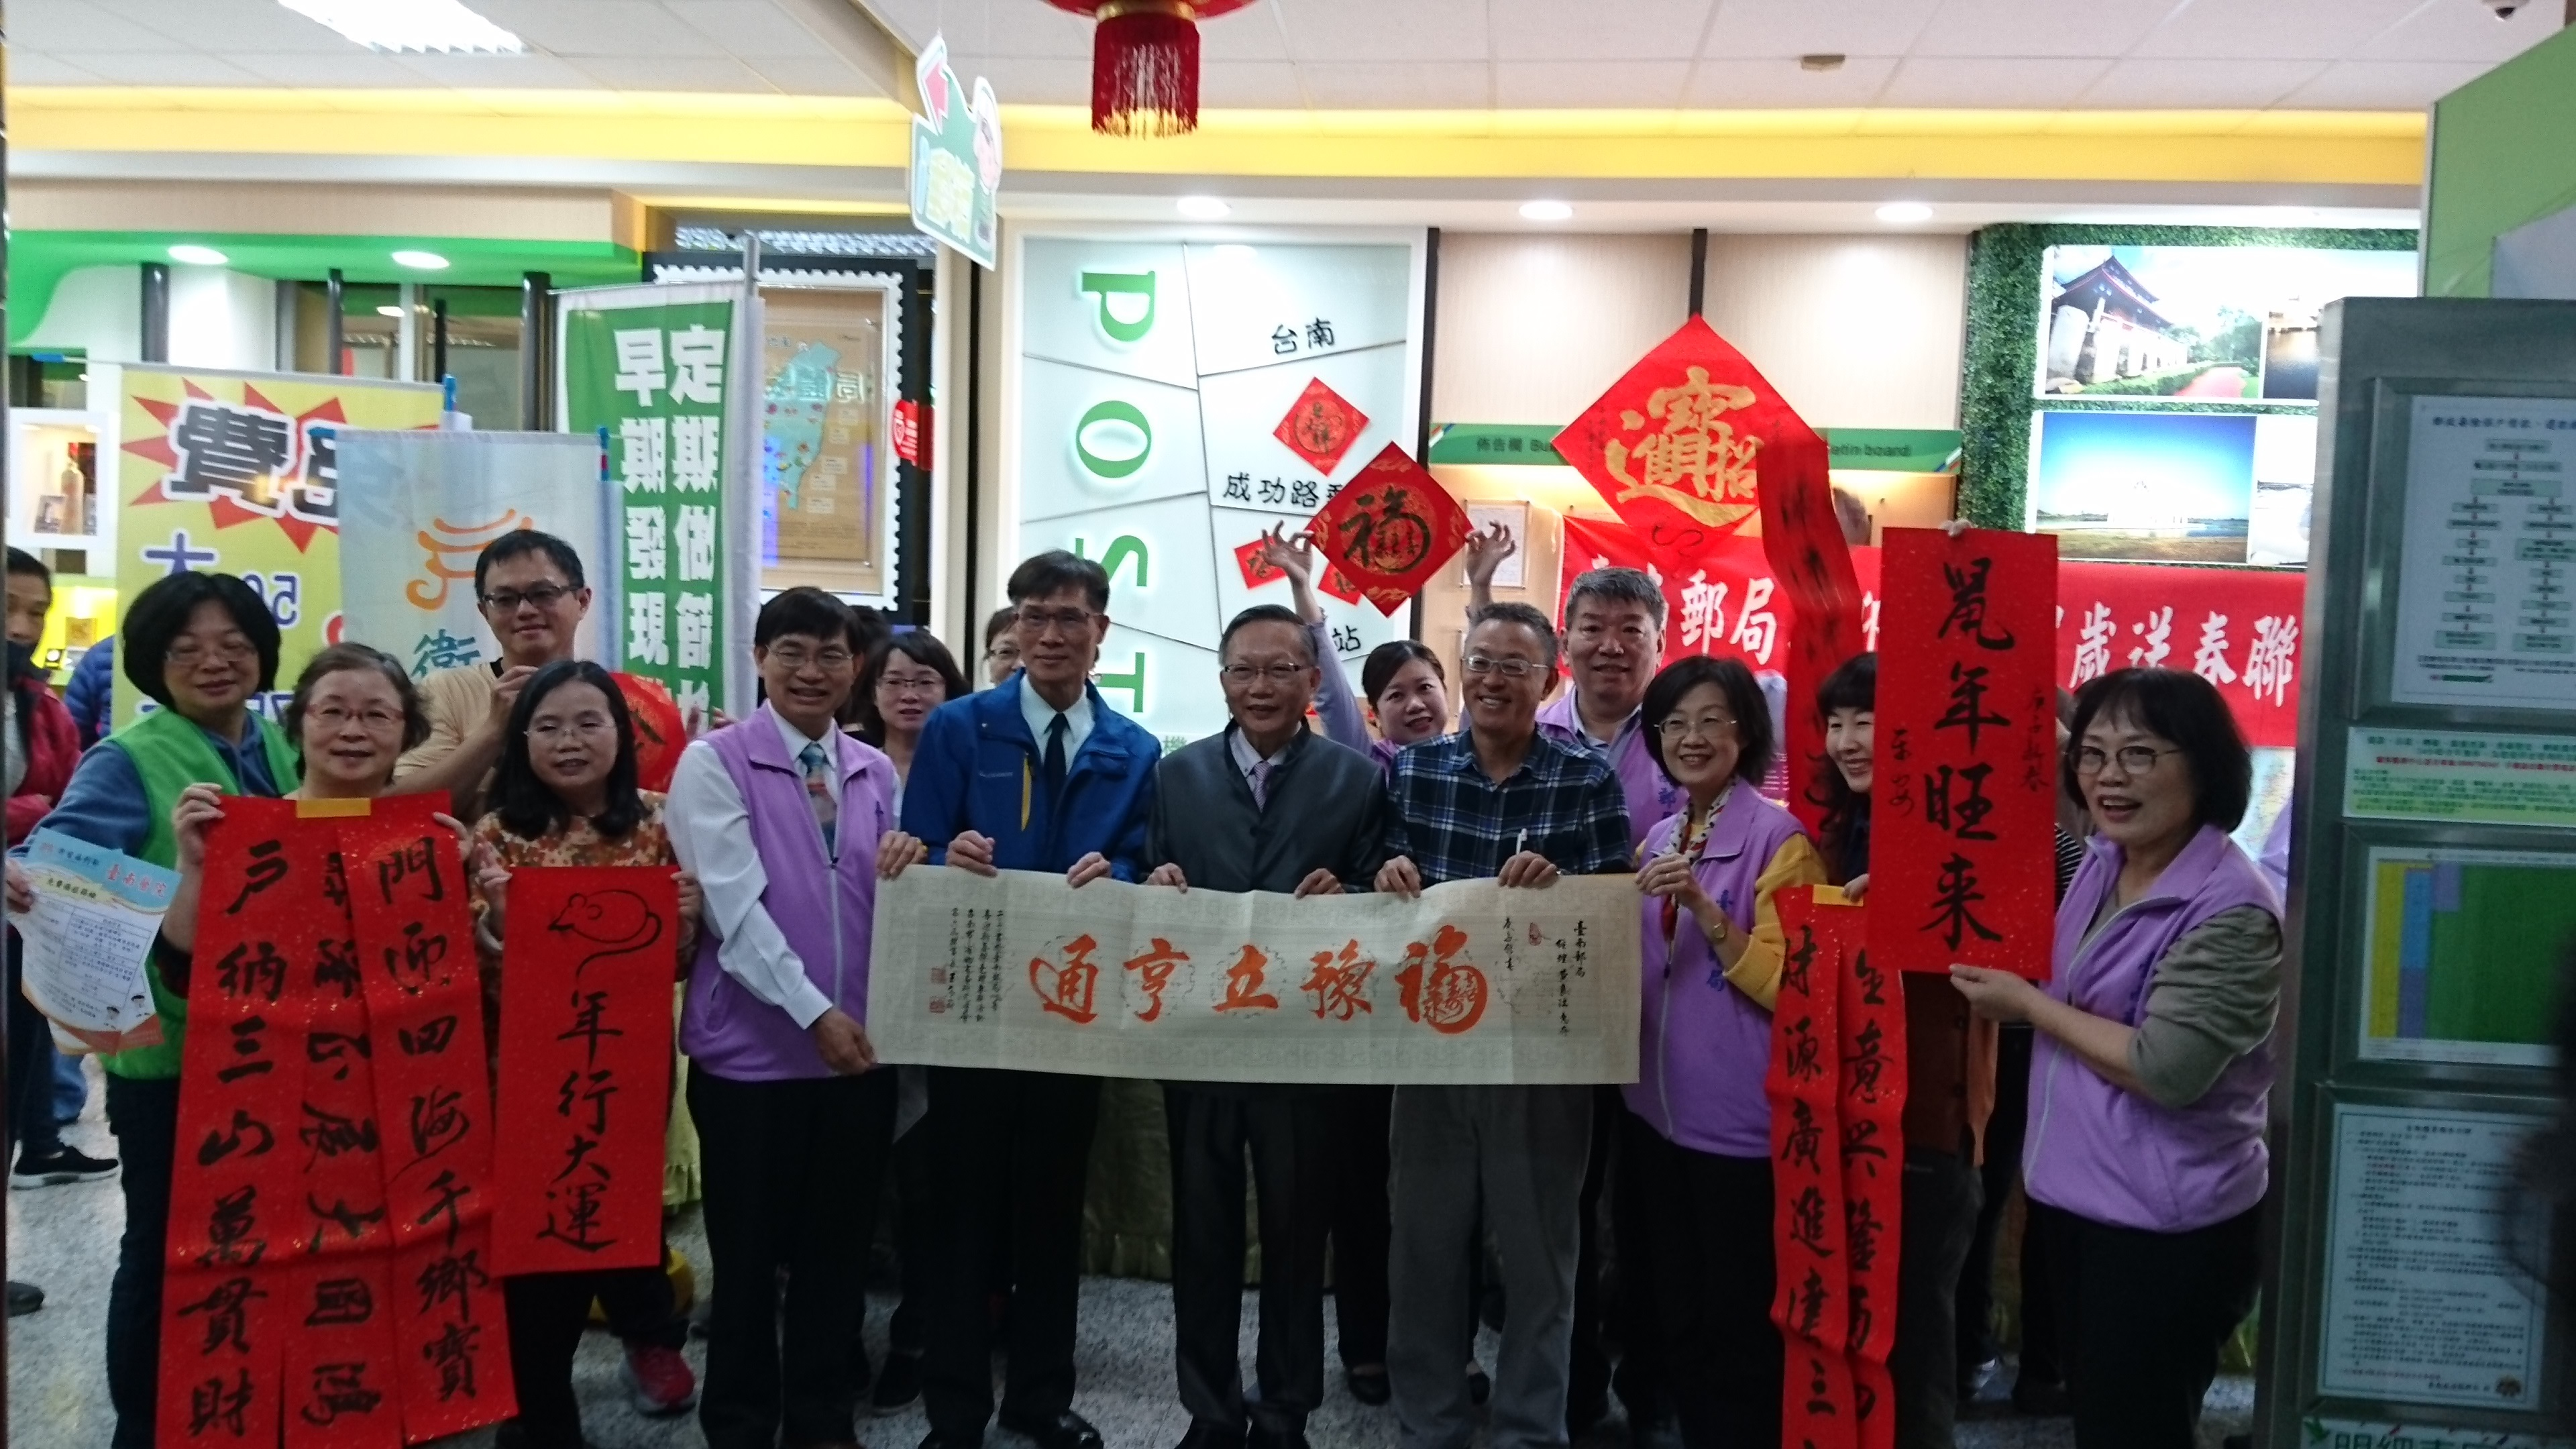 臺南郵局109年喜迎新春揮毫贈春聯活動